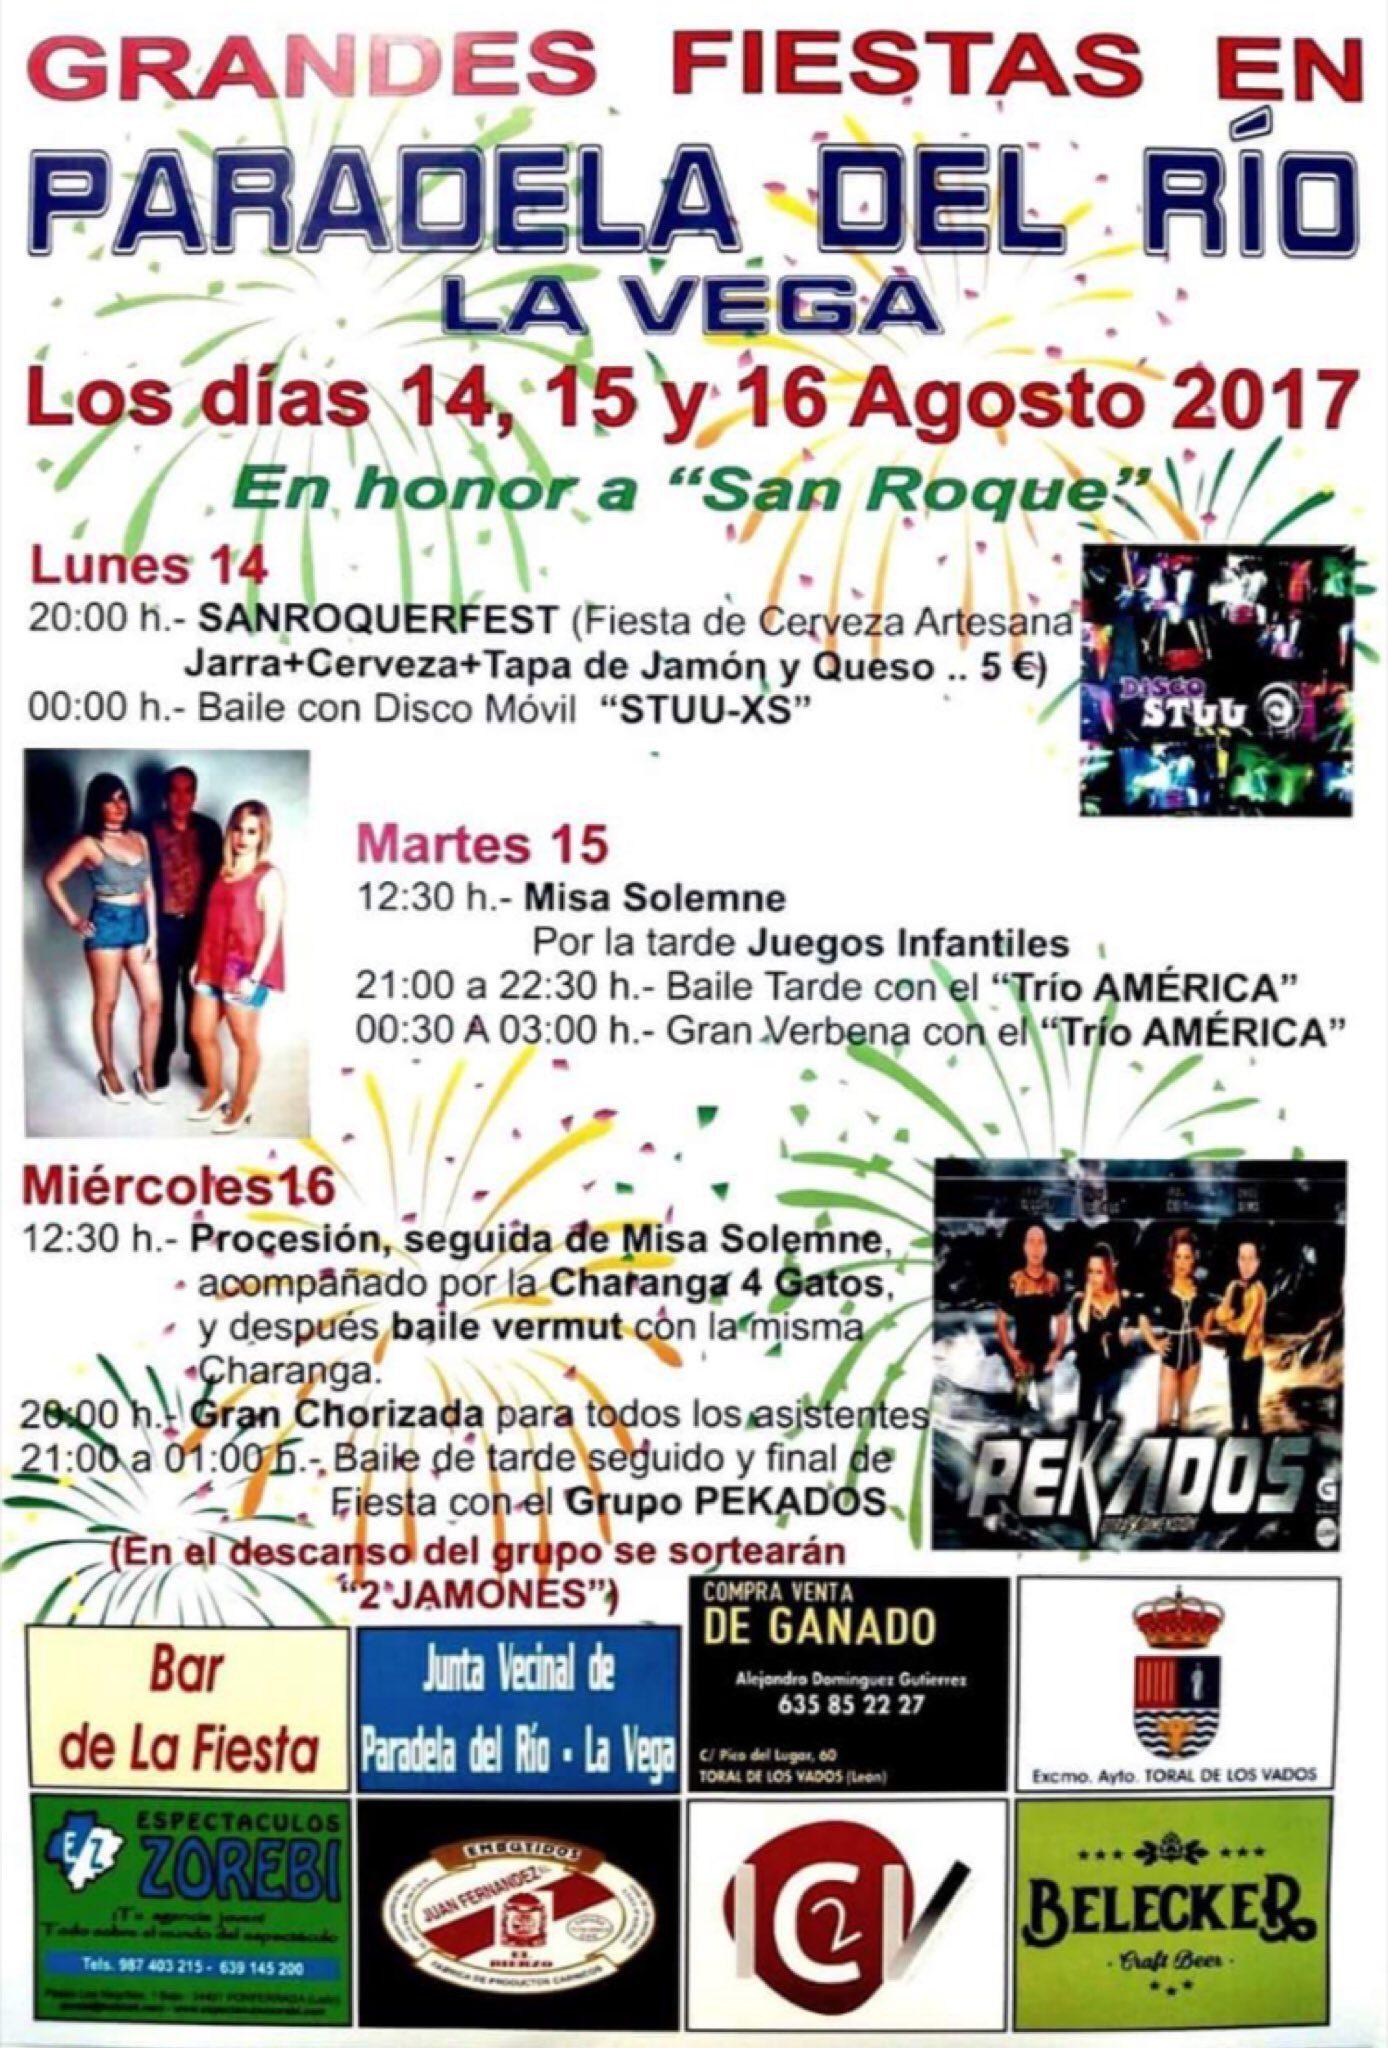 Fiestas en Paradela del Río. 14, 15 y 16 de agosto 2017 2